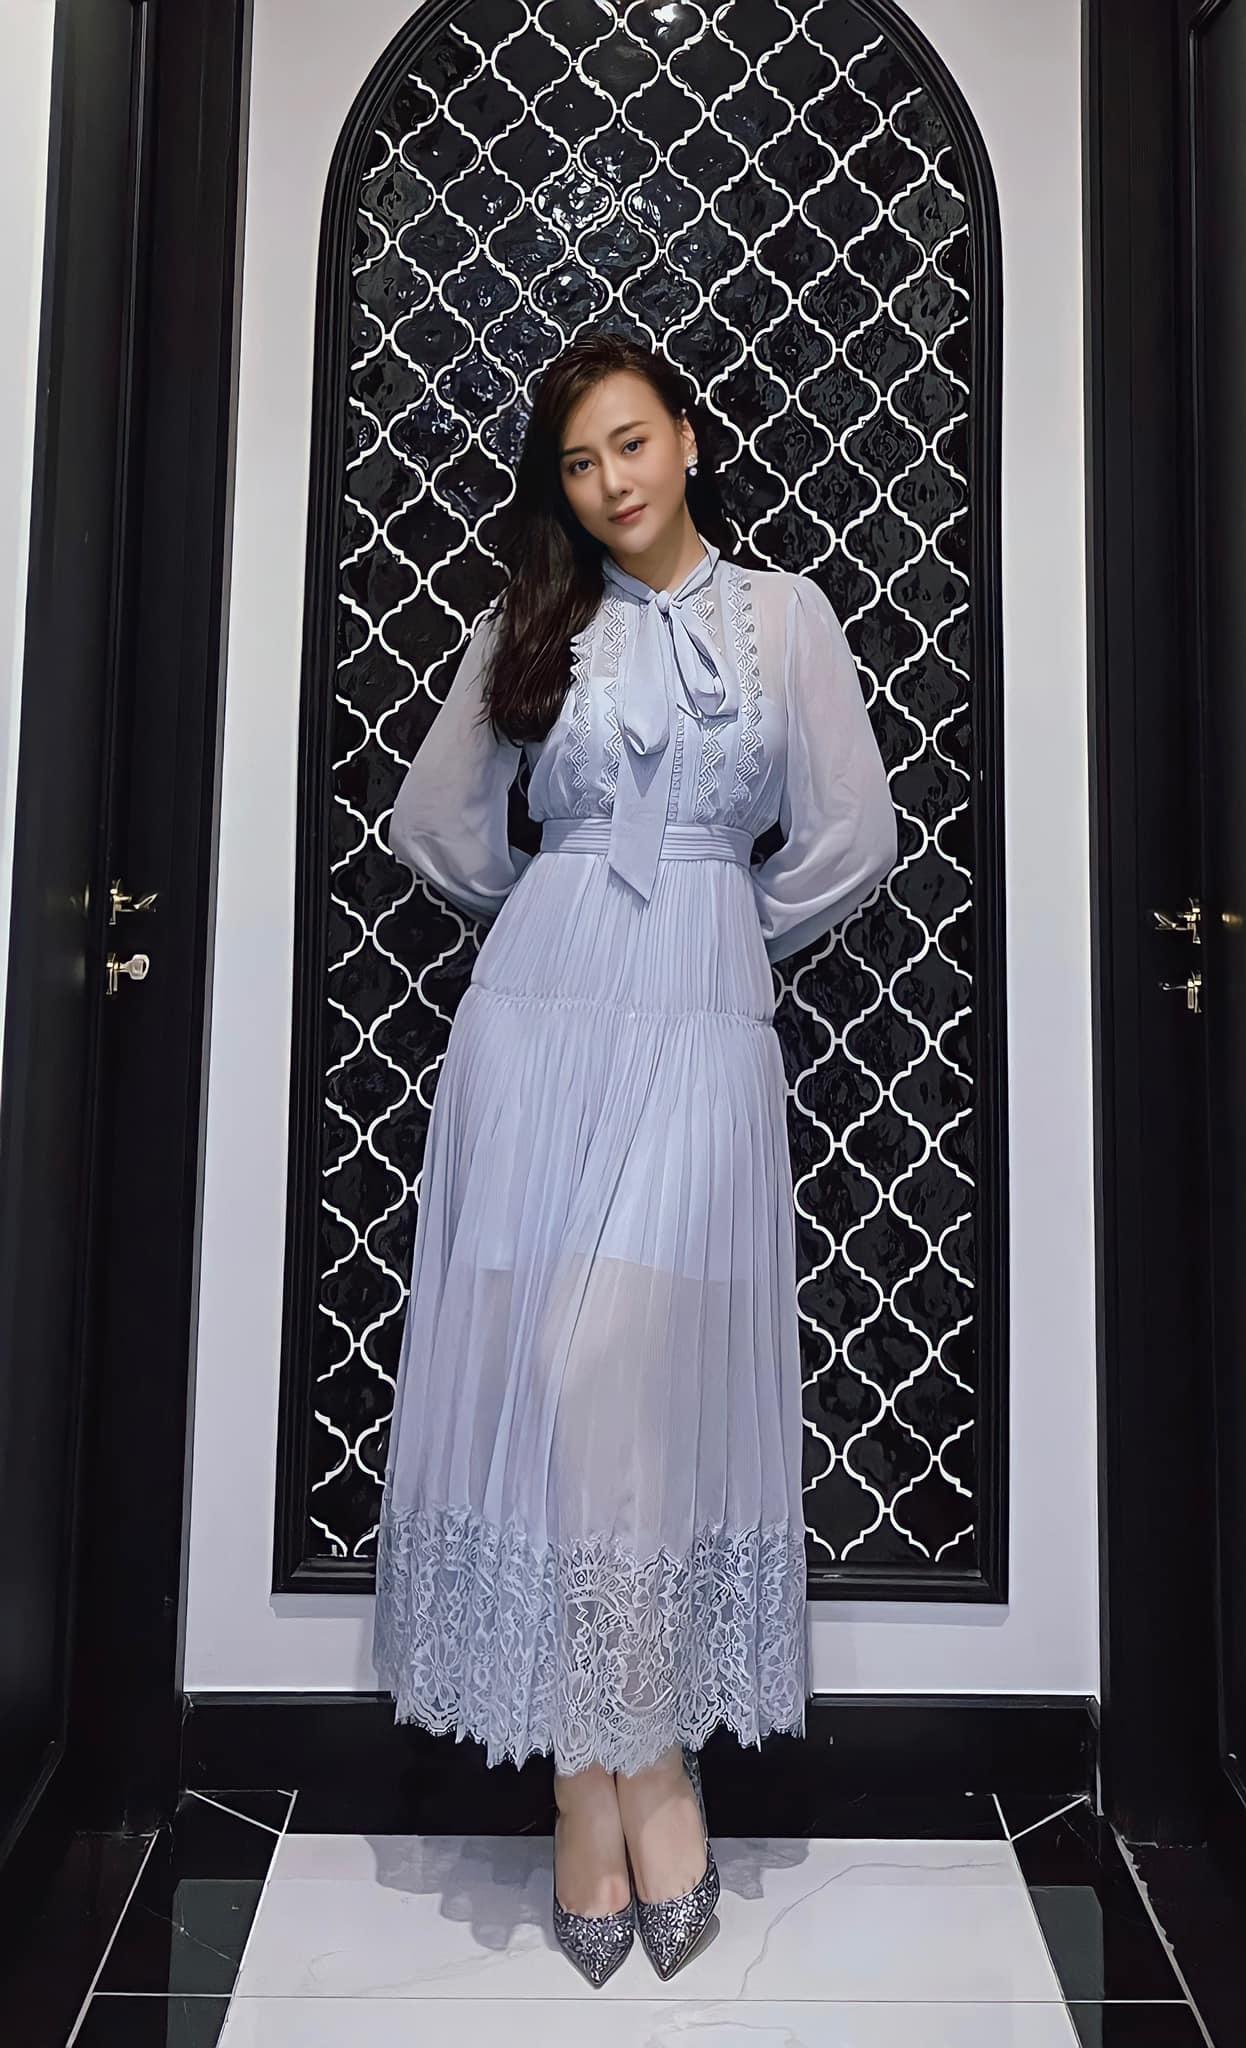 Tóc Tiên ở nhà diện đồ táo bạo, Hòa Minzy dẫn đầu top sao mặc đẹp tuần qua - Ảnh 13.